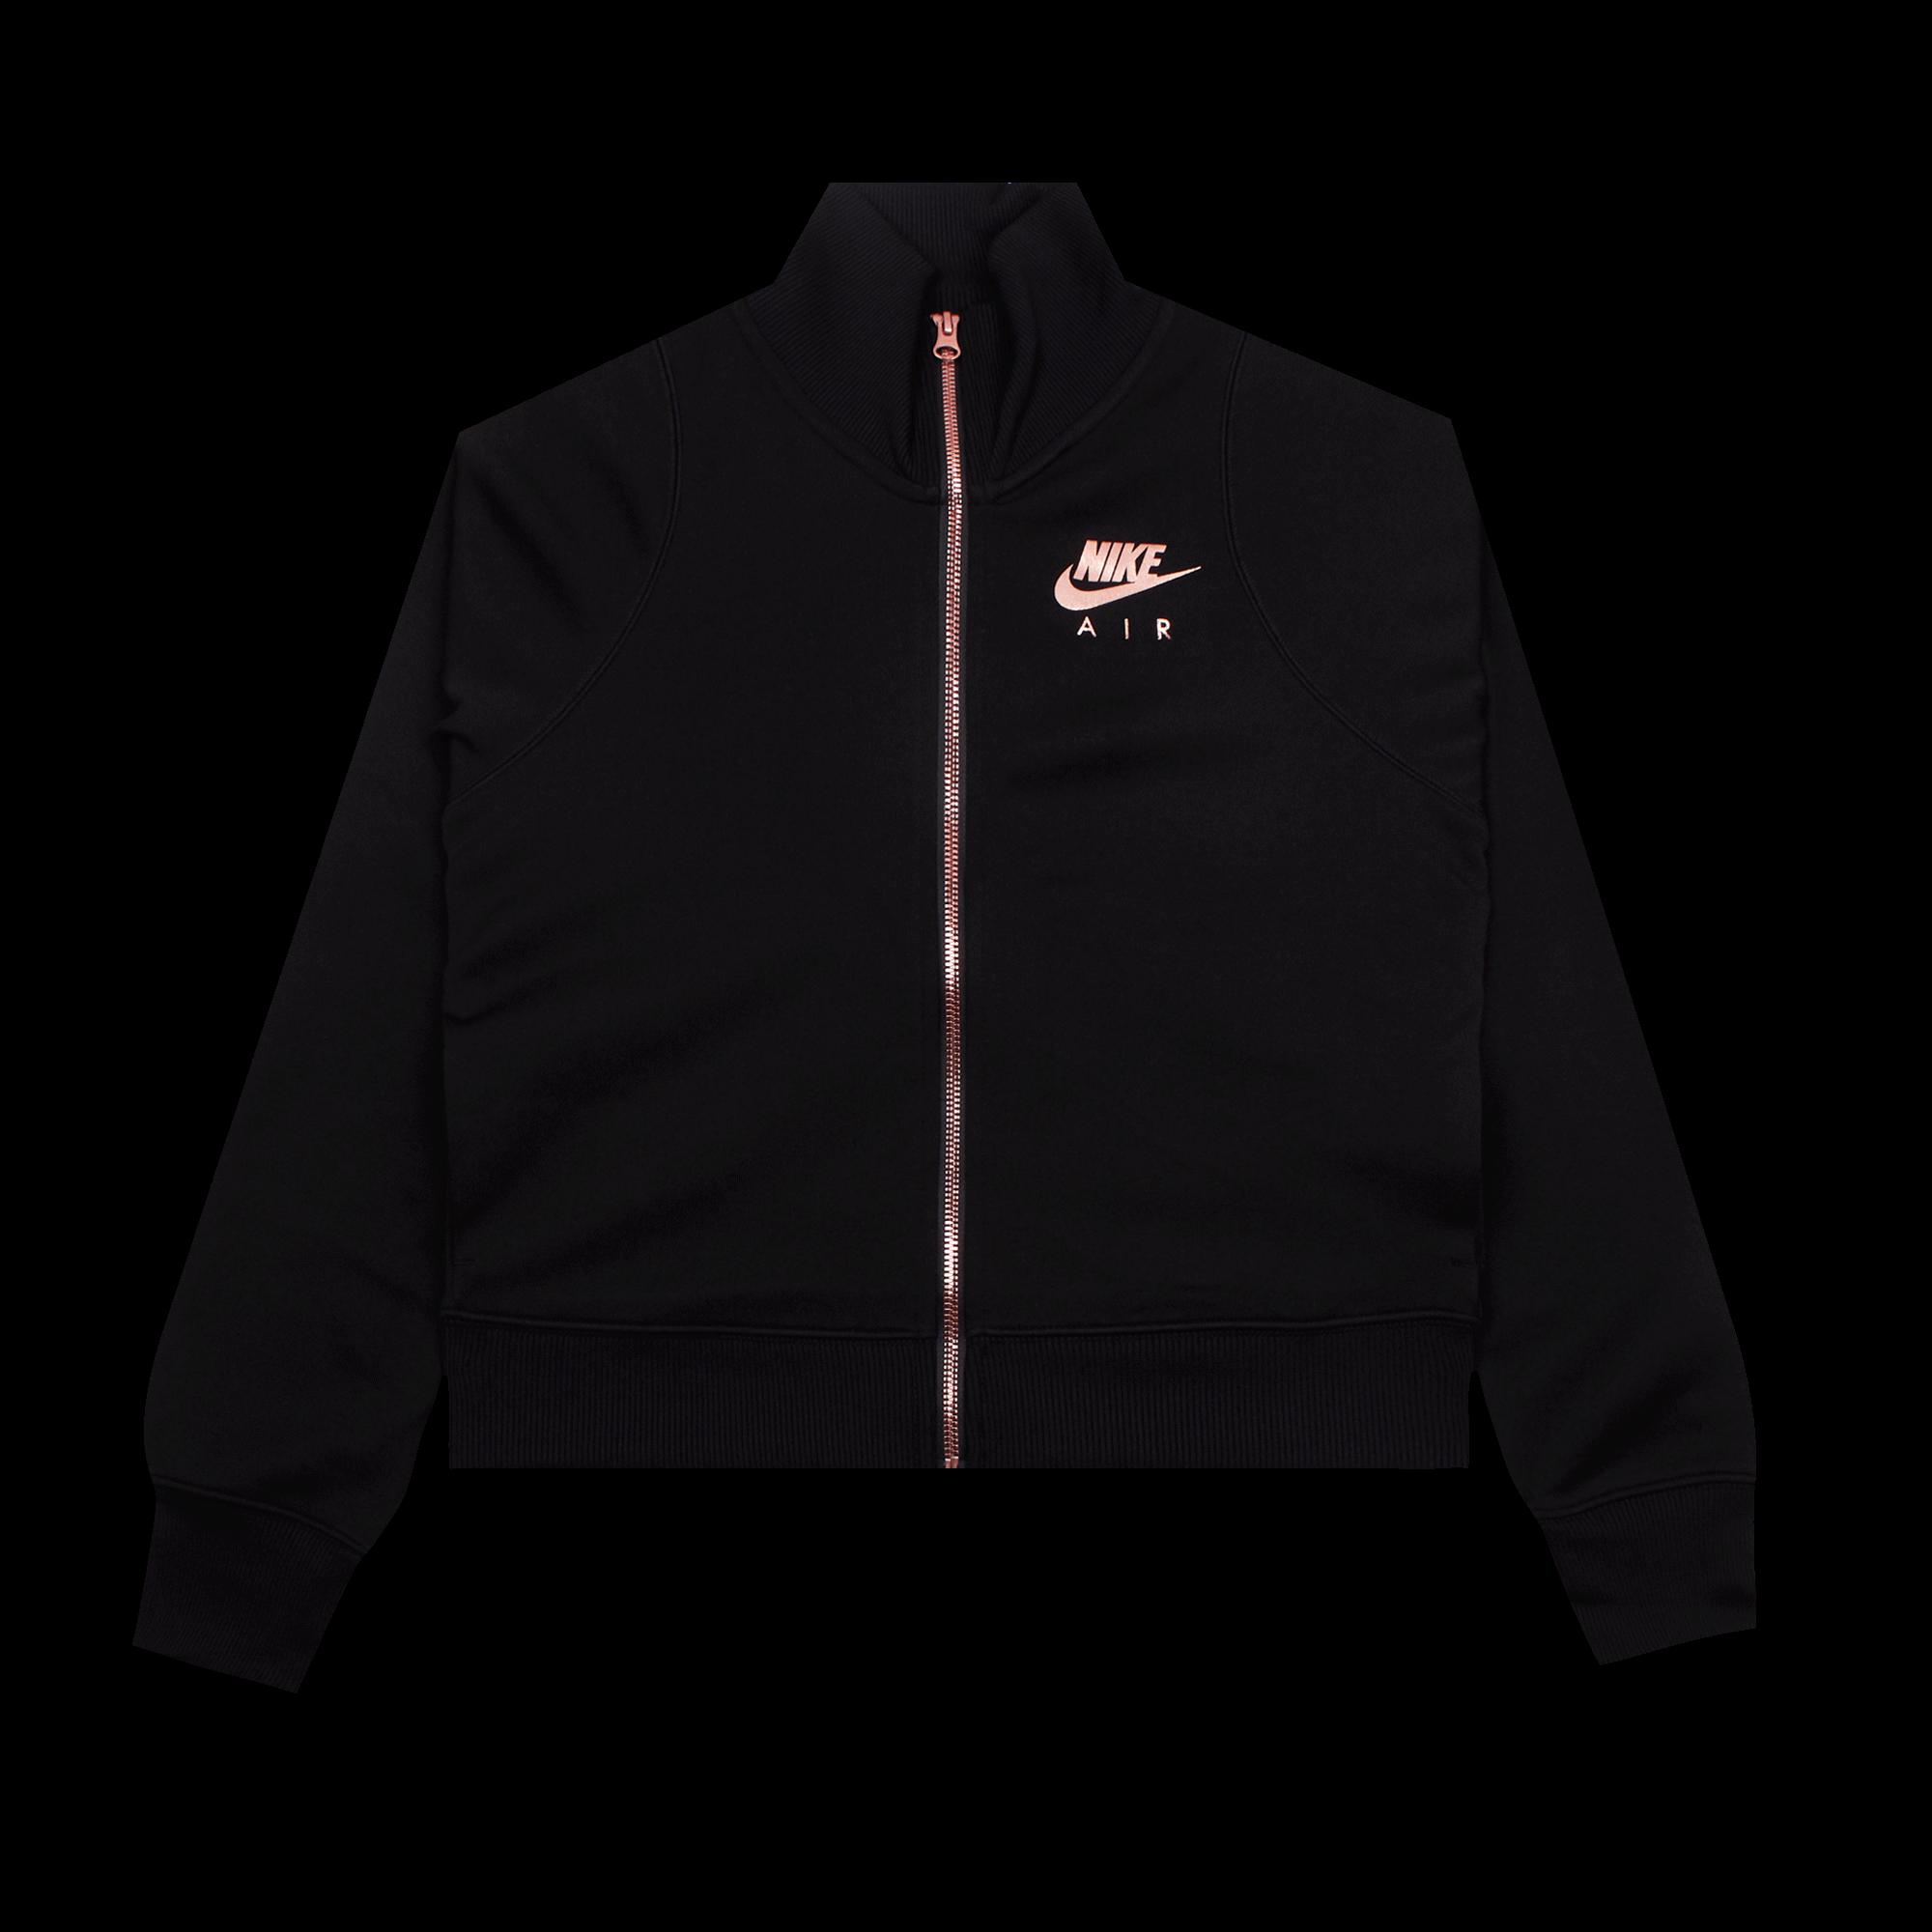 NSW Air N98 Jacket W black / rose gold